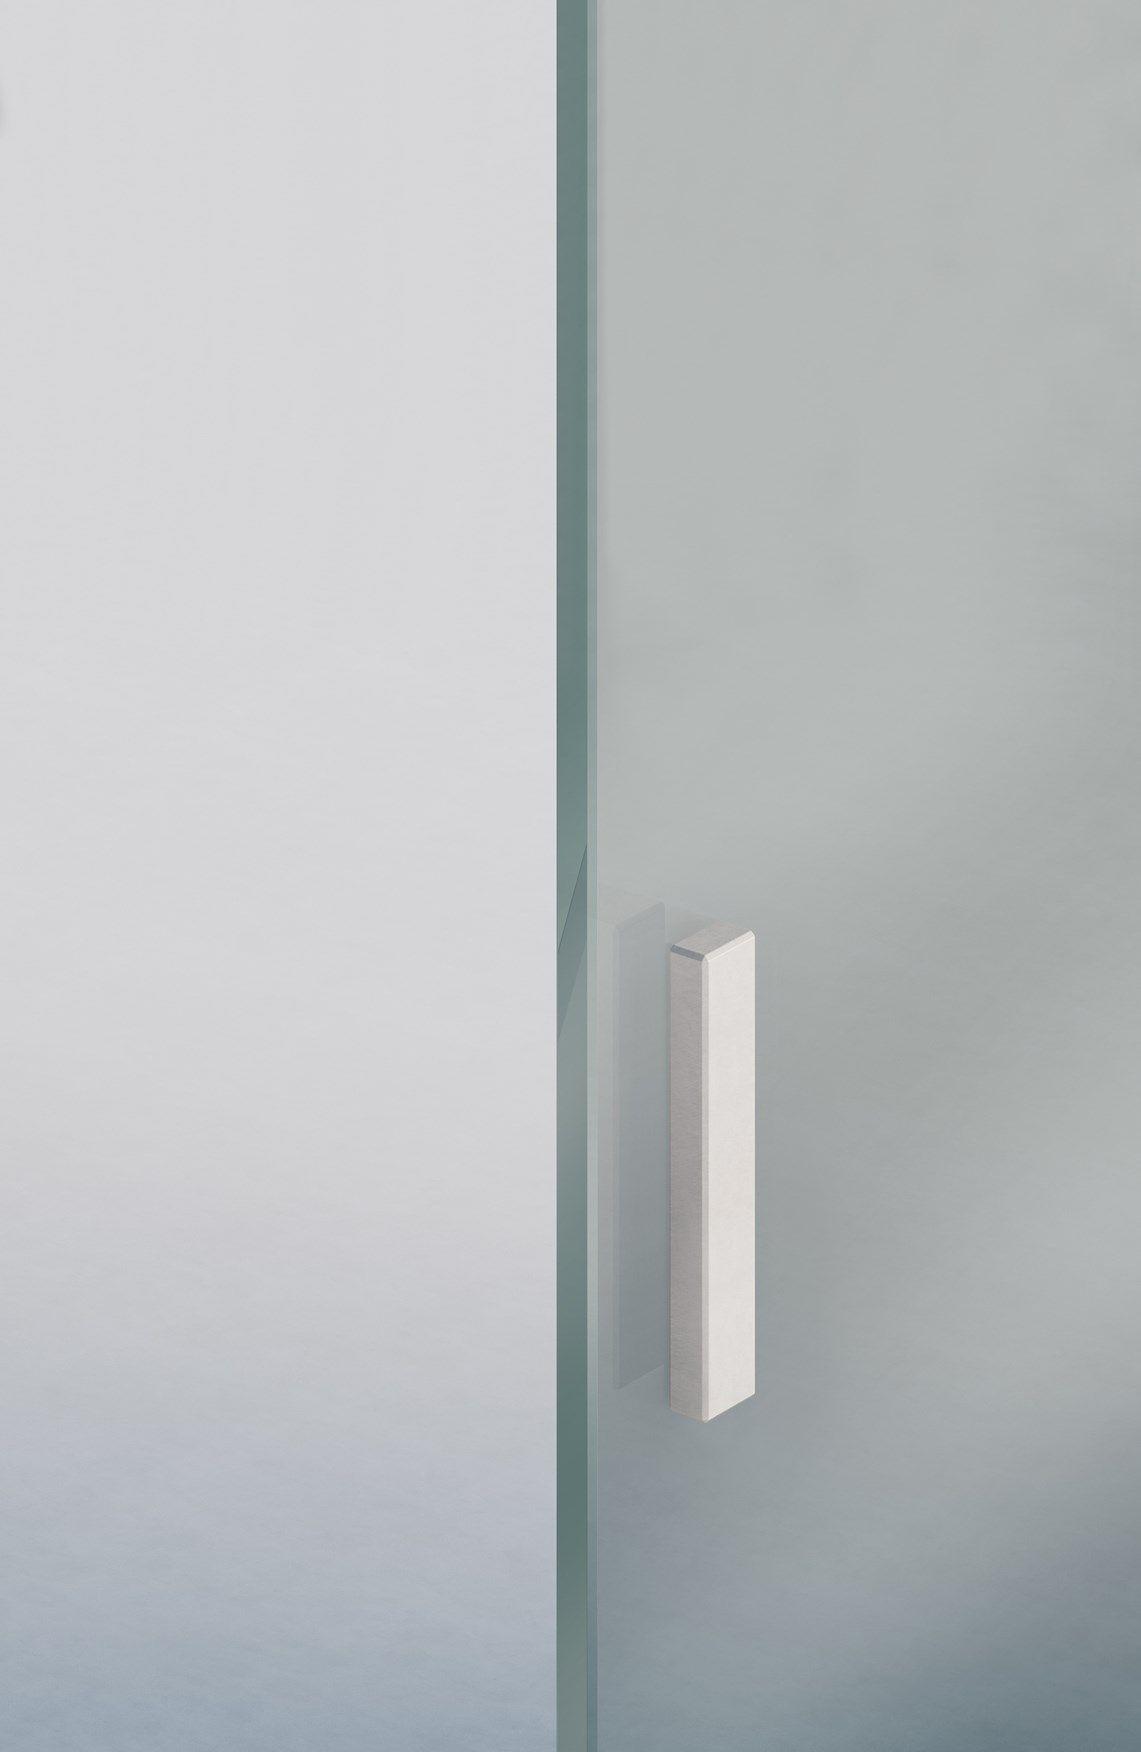 Nuova vetrata GLISSE R Gibus: scenografica, performante, sicura